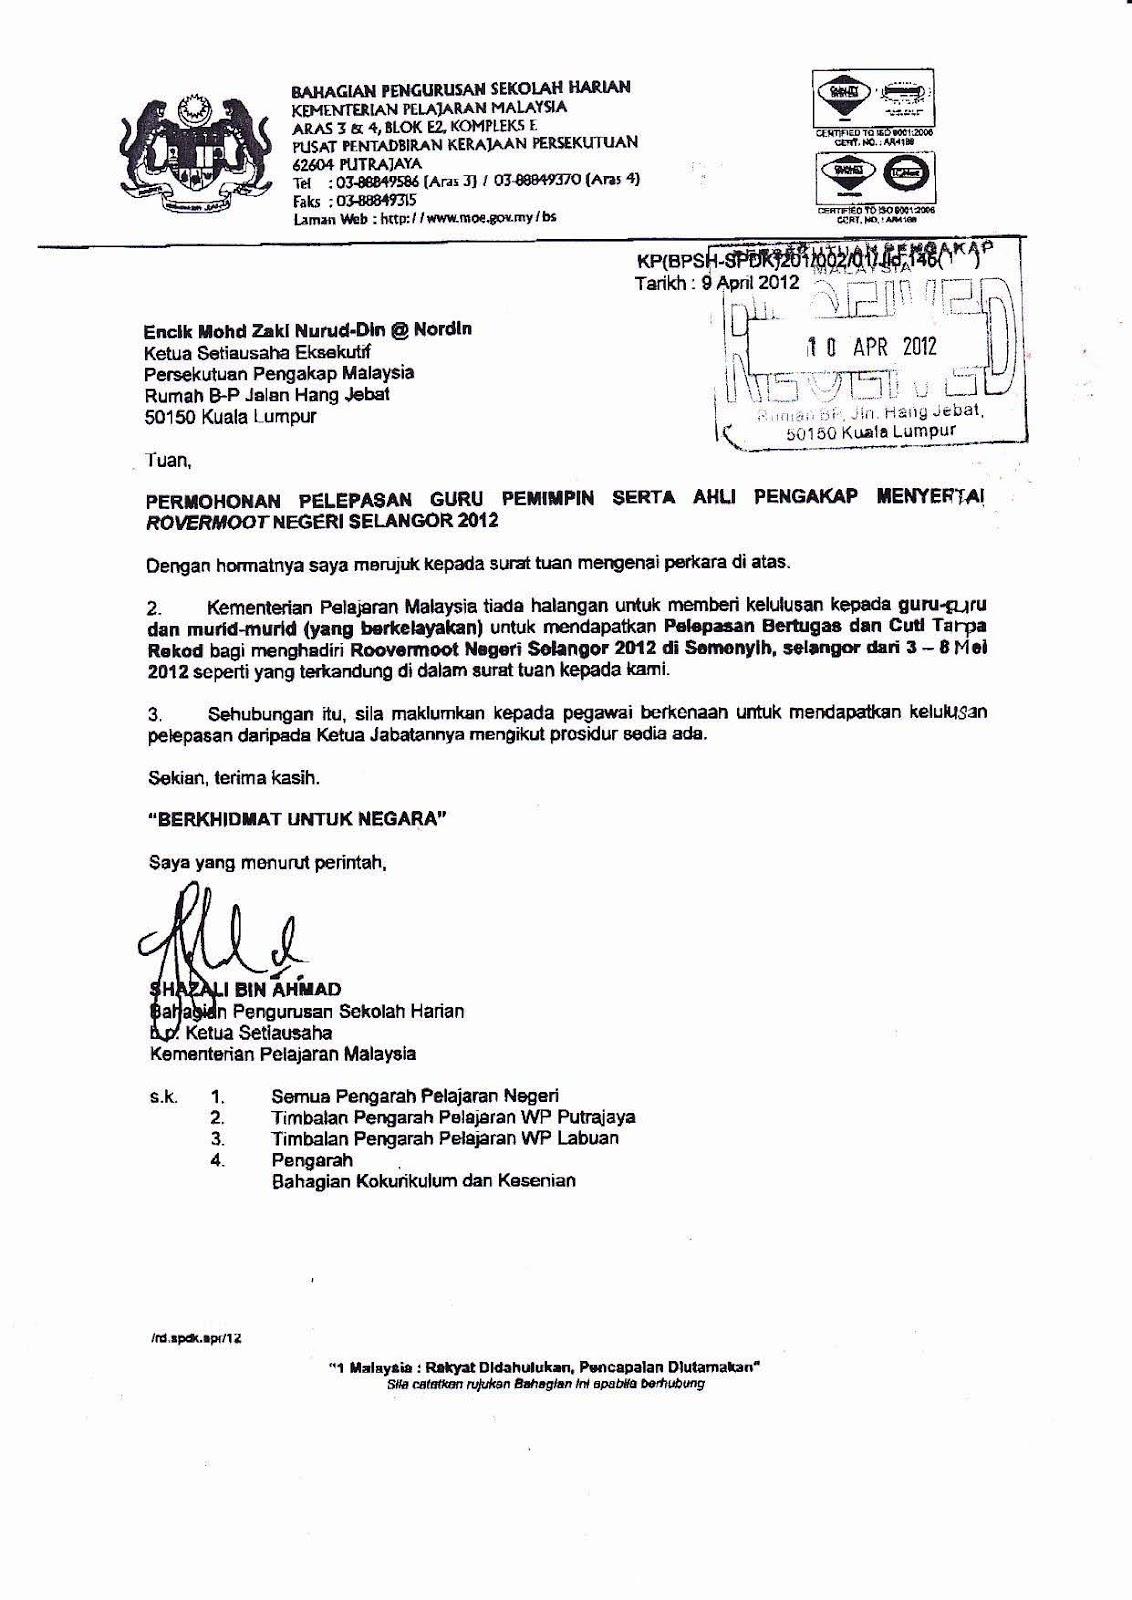 Sekretariat Kelana Selangor Surat Pelepasan Guru Pemimpin Murid Tingkatan 6 Ke Rovermoot Selangor 2012